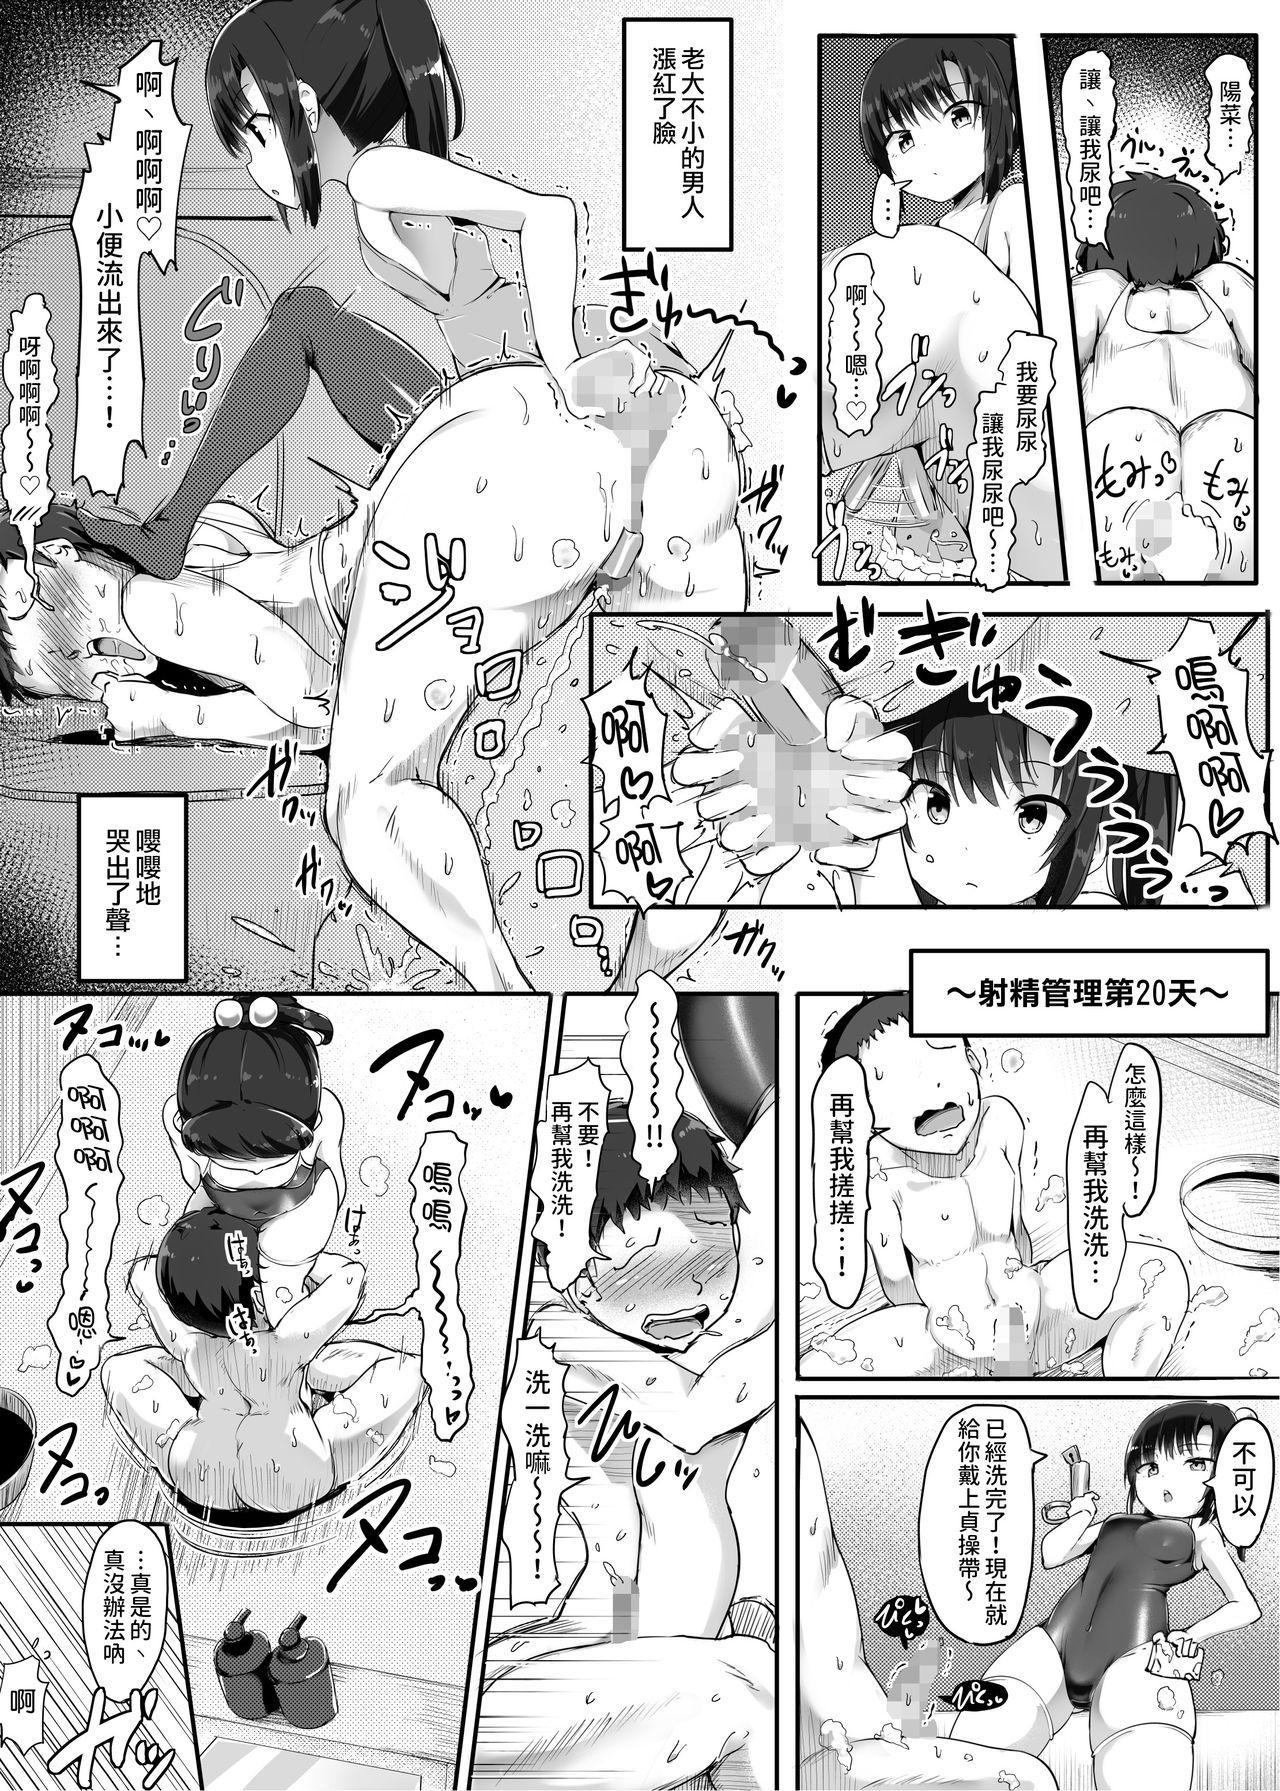 Papa no Jakuten Mitsuketa | 爸爸的弱點被~發現了 ♪ 16